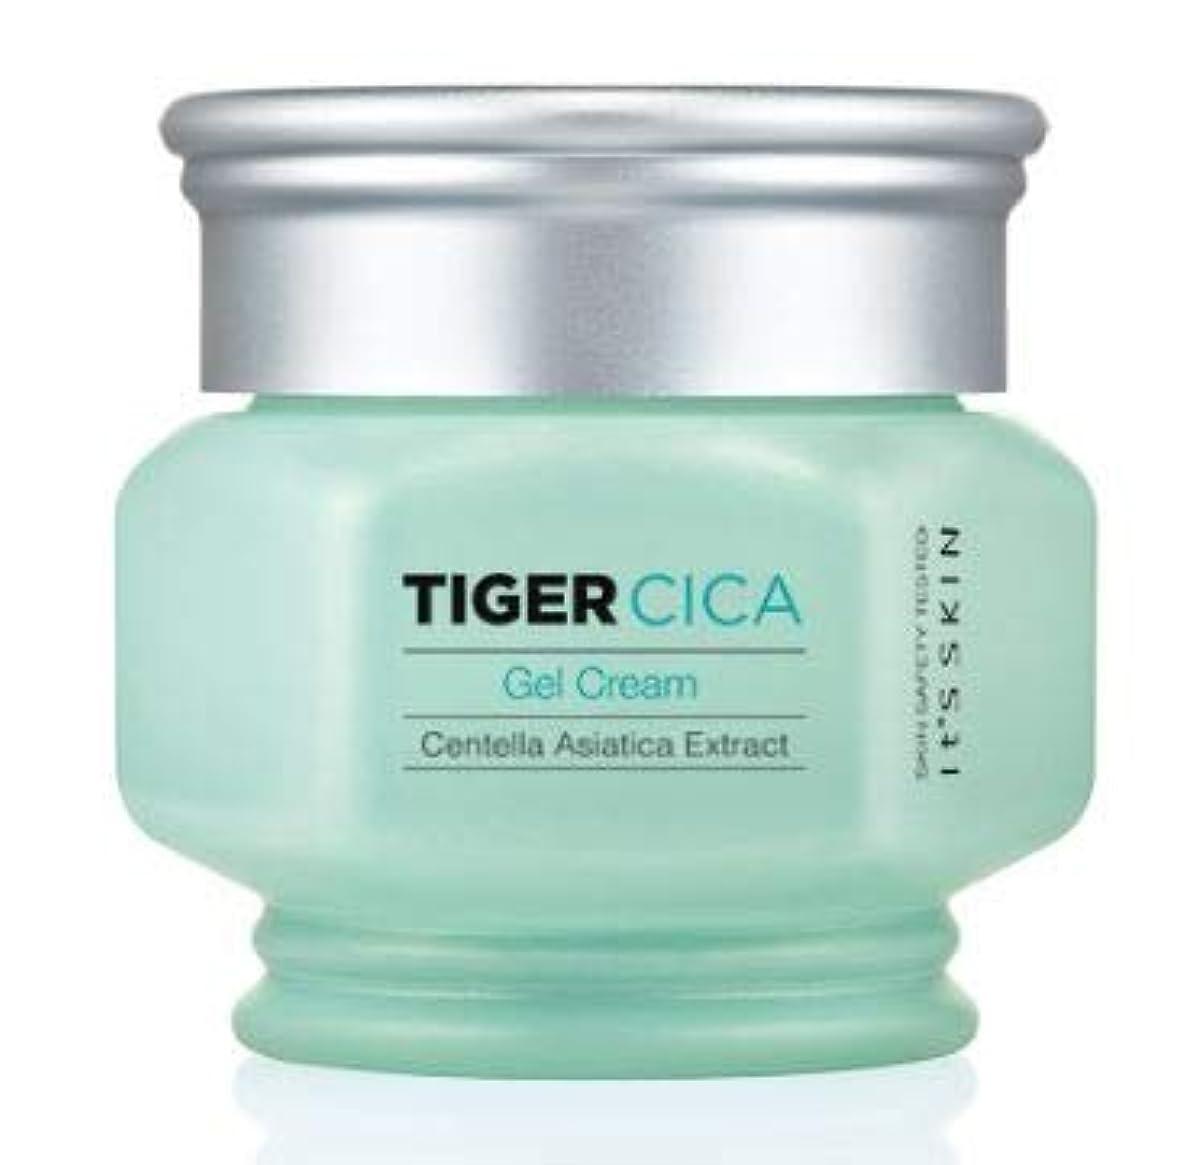 眉をひそめる違反する十[It's Skin] Tiger Cica Gel Cream /[イッツスキン] タイガーシカ ジェル クリーム [並行輸入品]